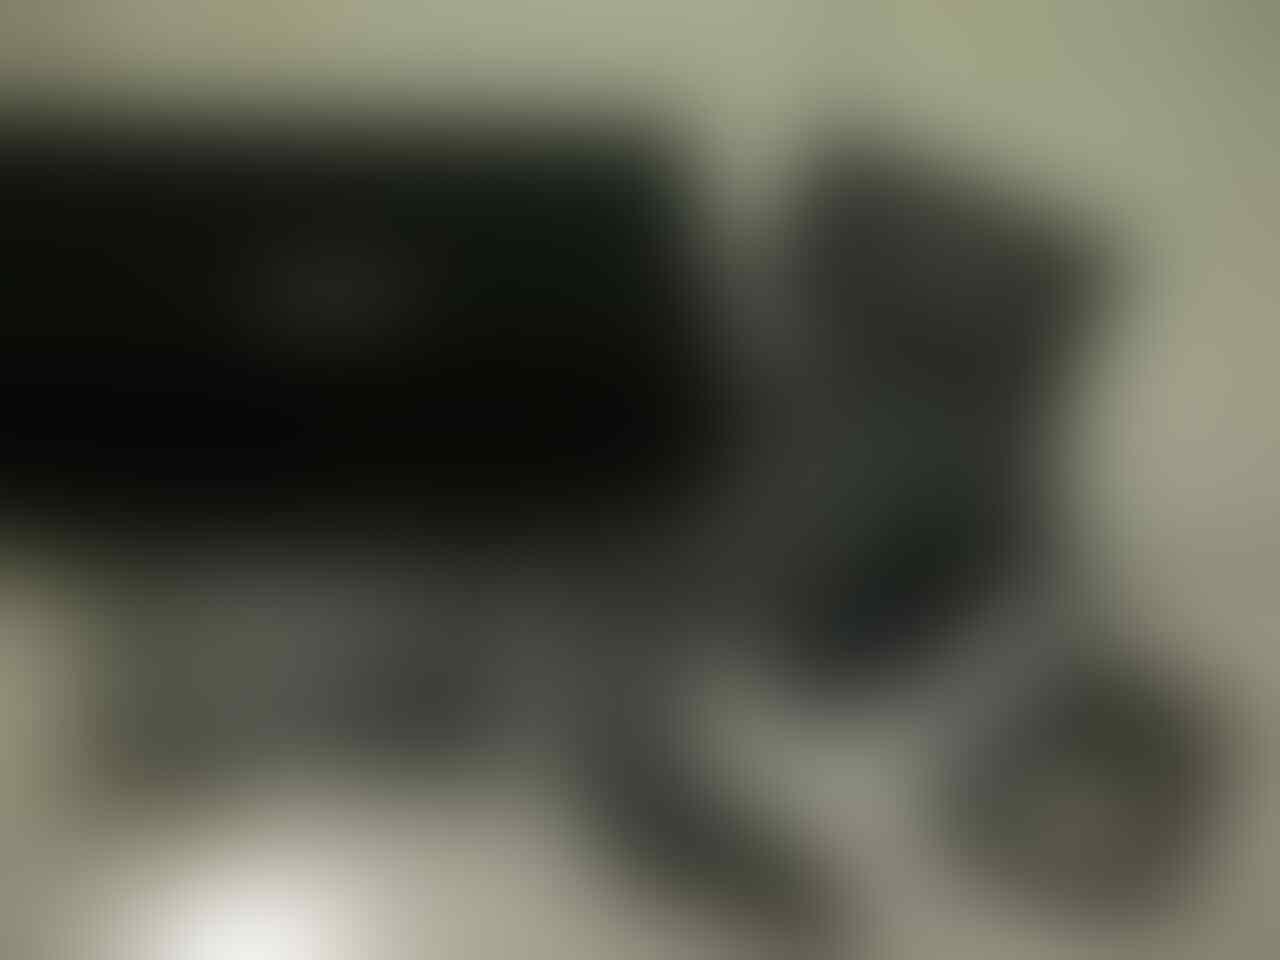 Dijual borongan atau satuan efek gitar TS 808 , Noise clamp MXR , DD 7